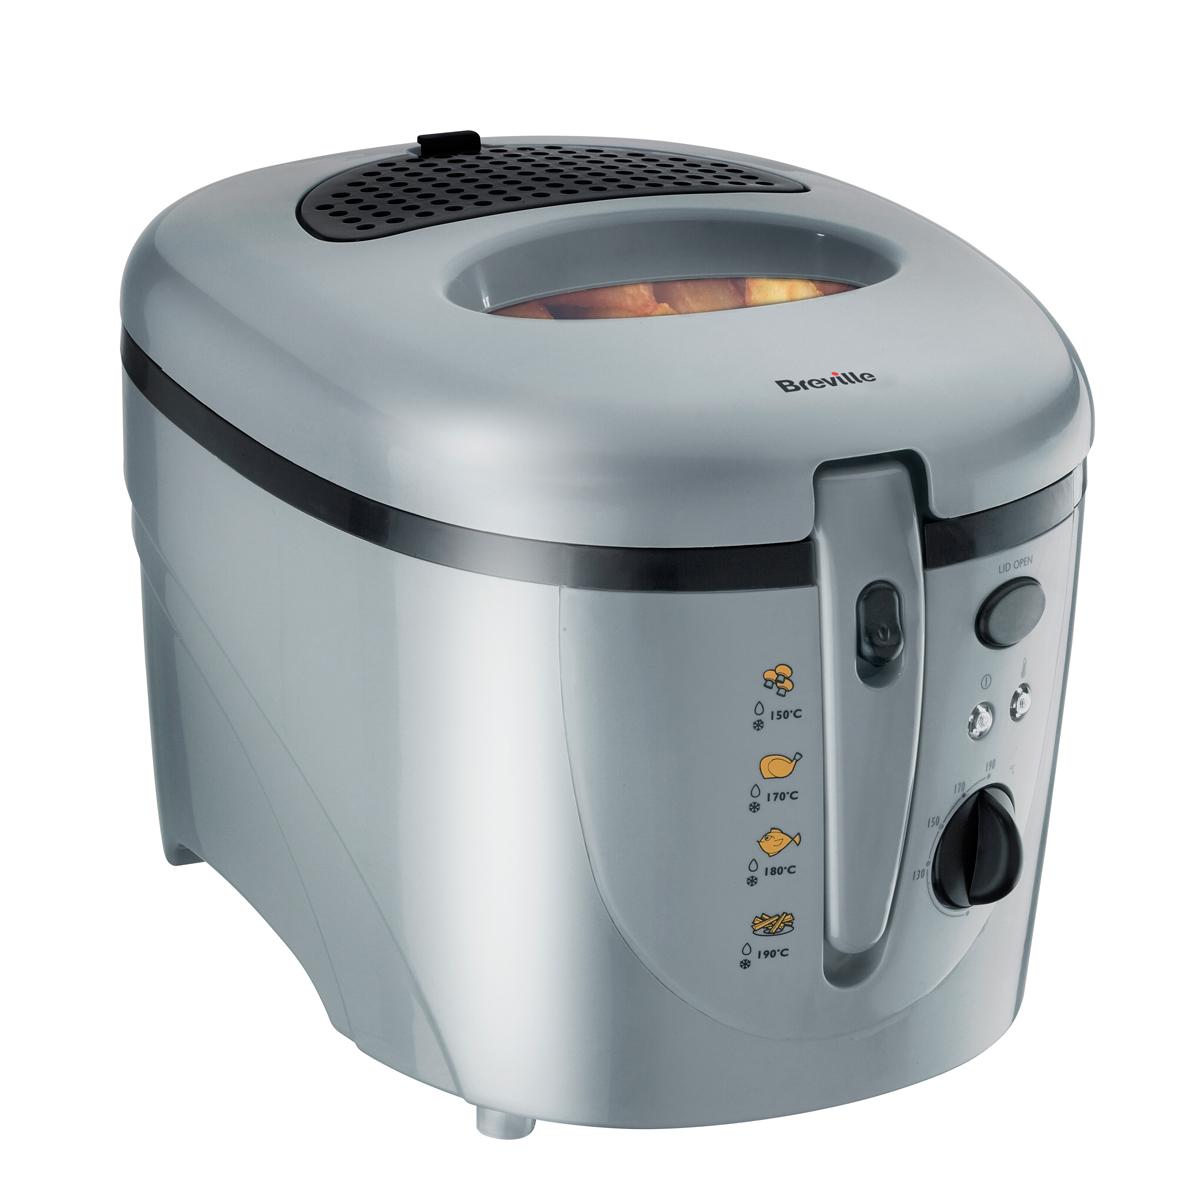 2l Oil 1kg Food Deep Fat Fryer Plastic Vdf054 Breville